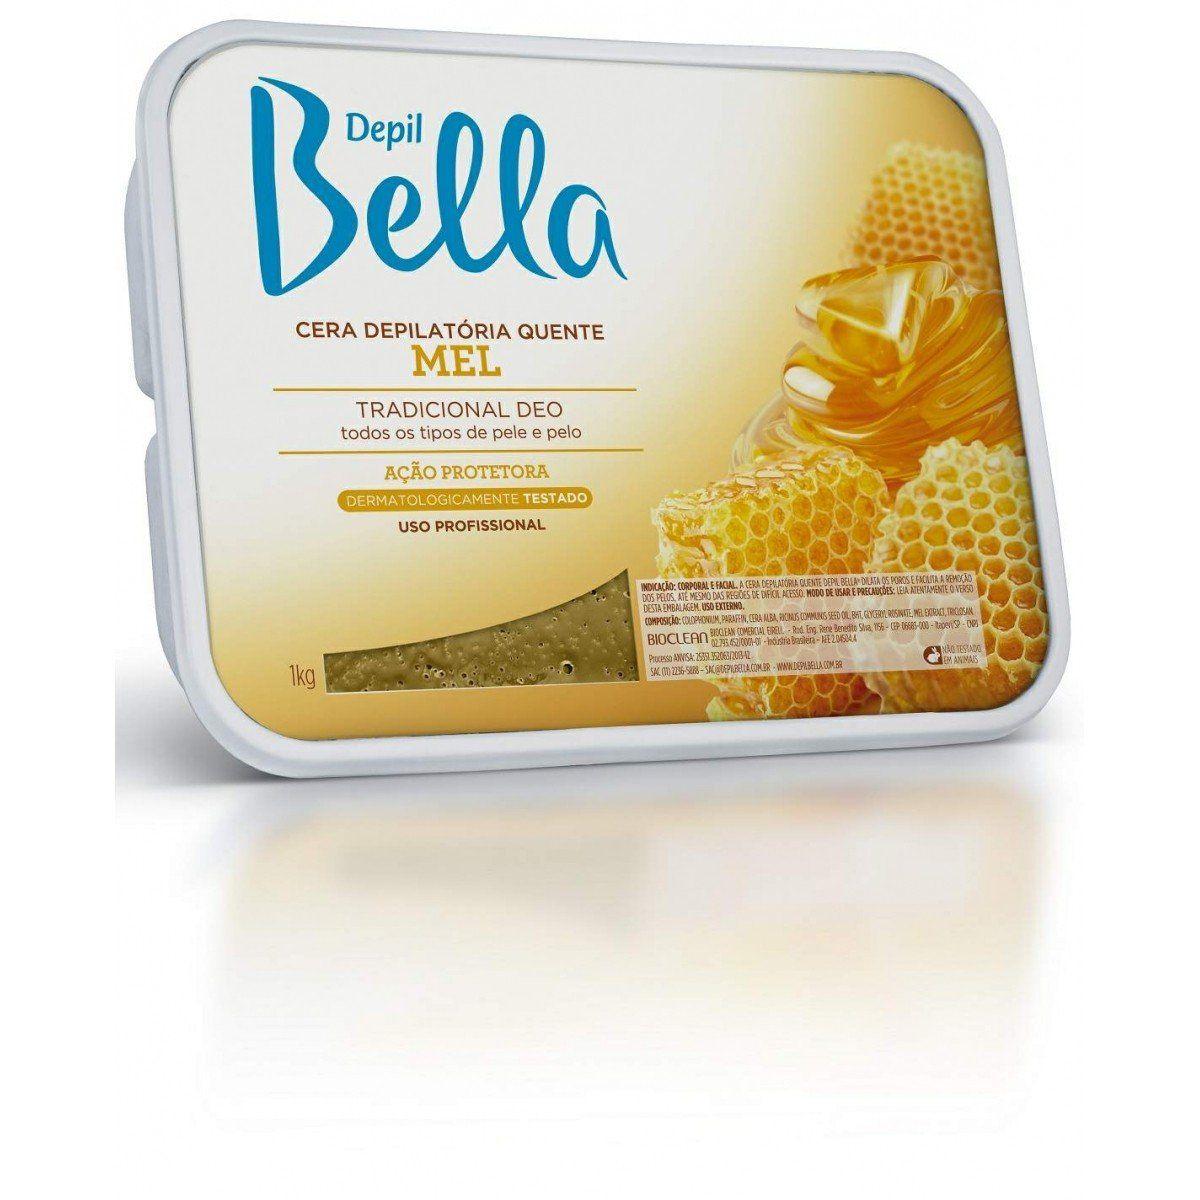 Cera Depilatória Quente Depil Bella em Barra Mel